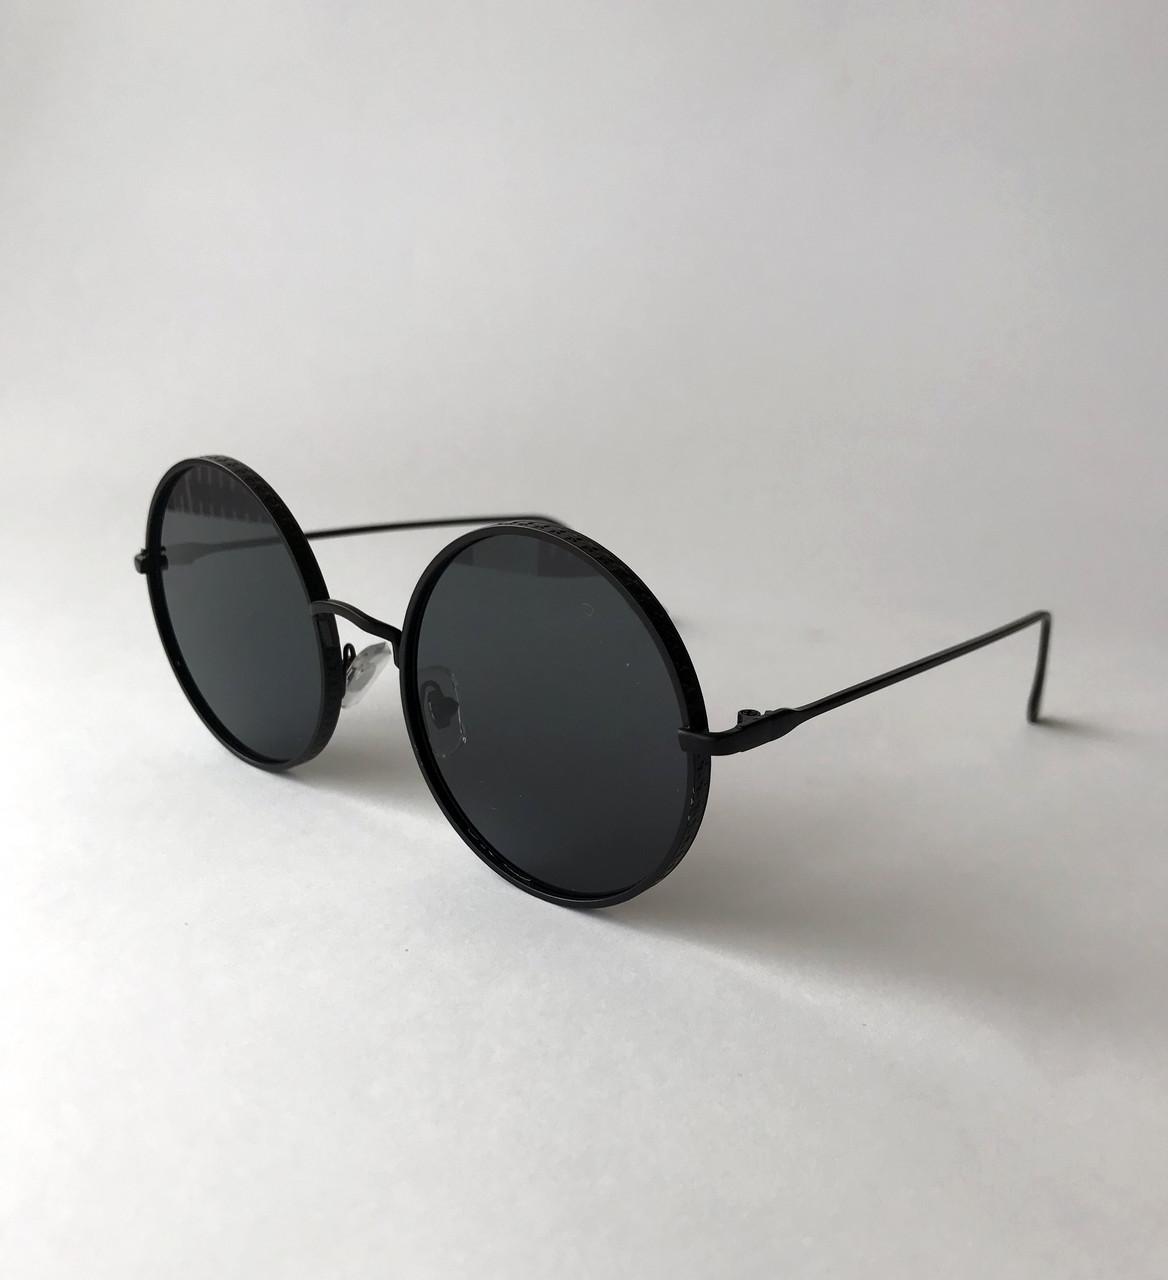 128510e3b9b3 Женские солнцезащитные очки в круглой оправе, круглые очки черные - Bigl.ua